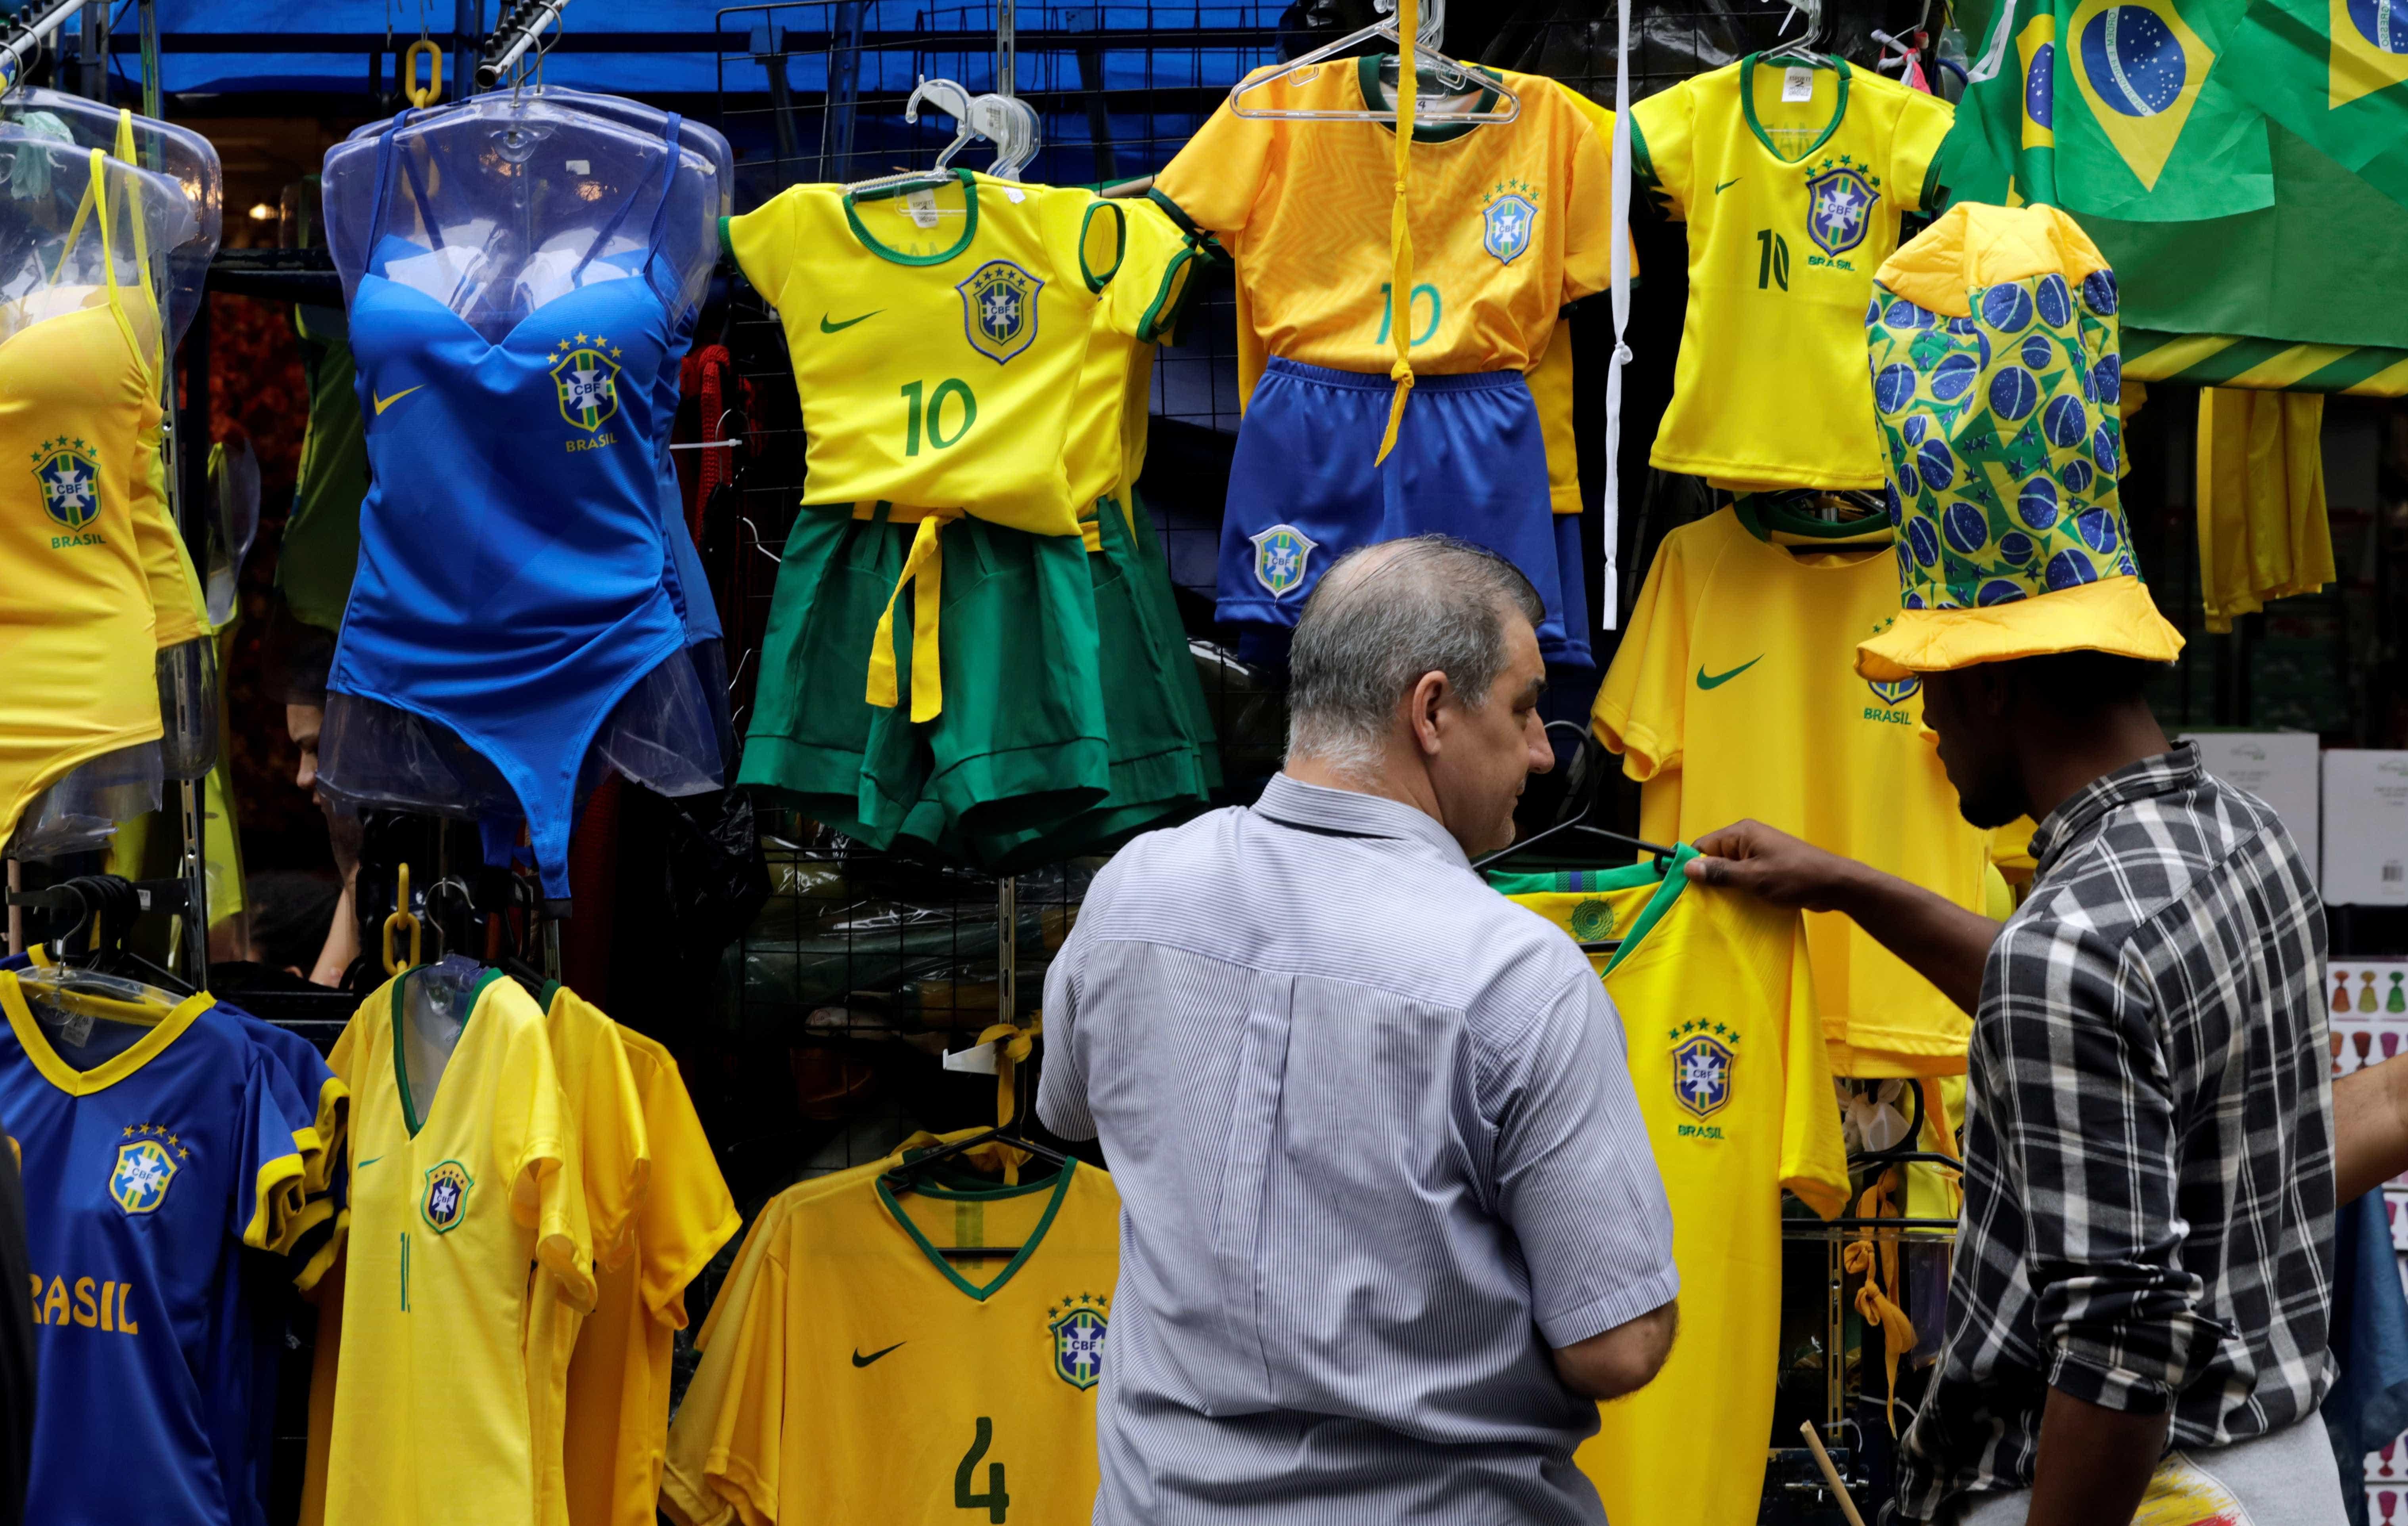 Camisa amarela da seleção é rejeitada por parte dos brasileiros